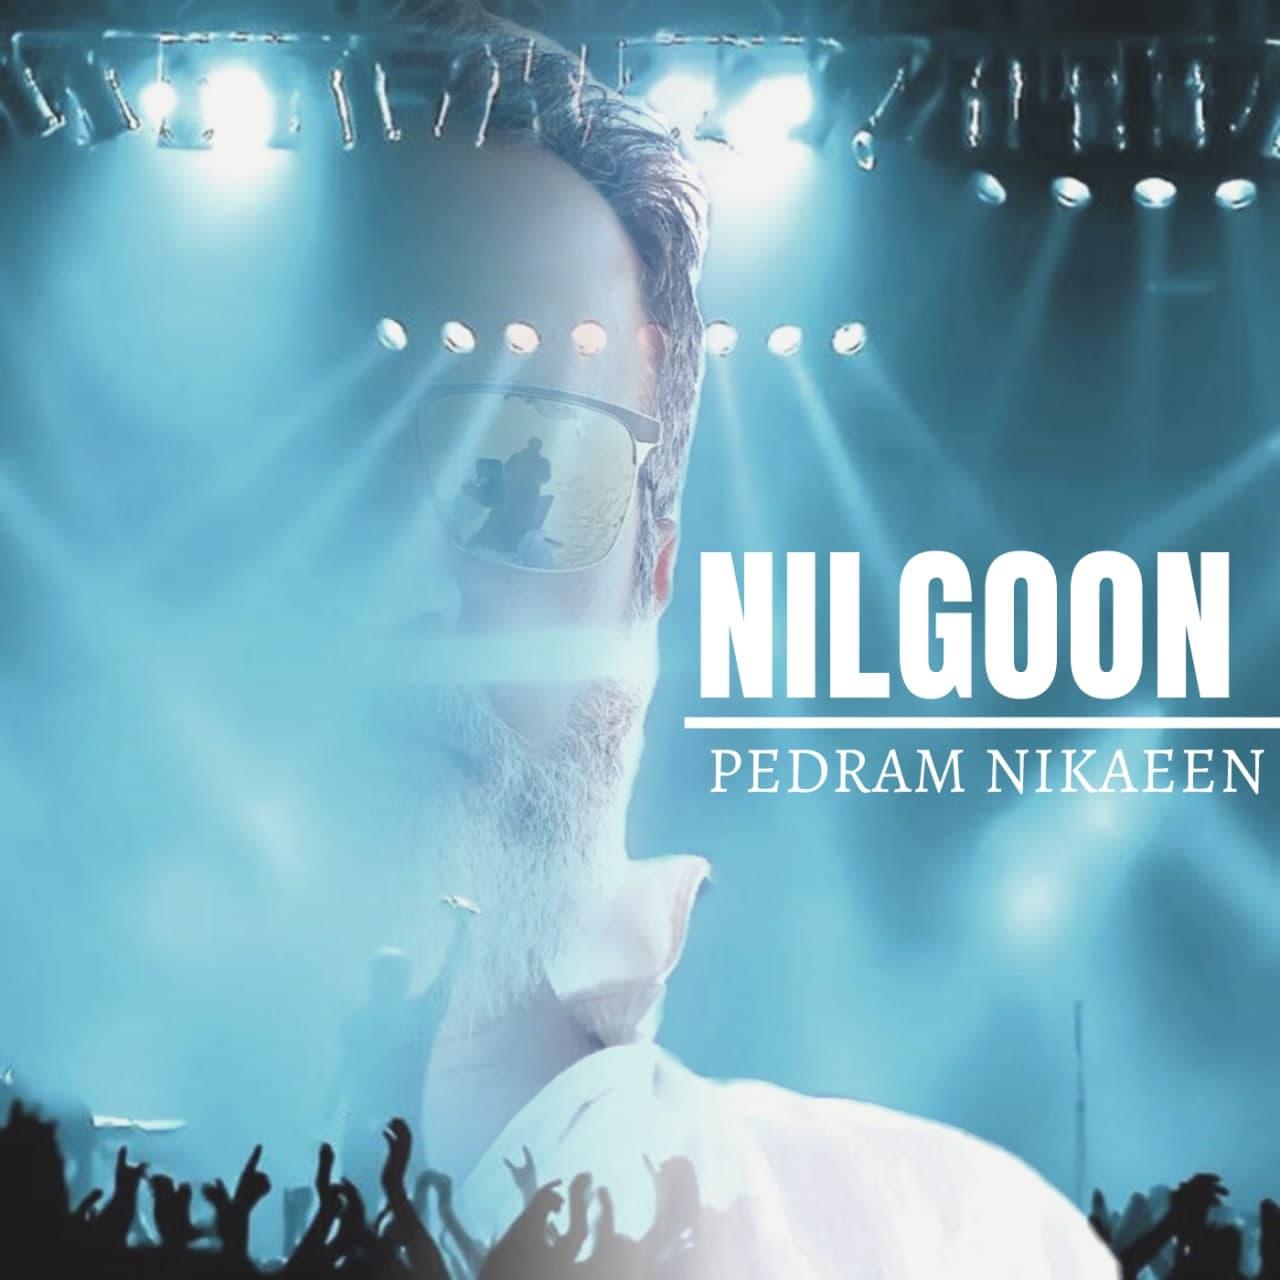 دانلود موزیک جدید پدرام نیک آیین نیلگون